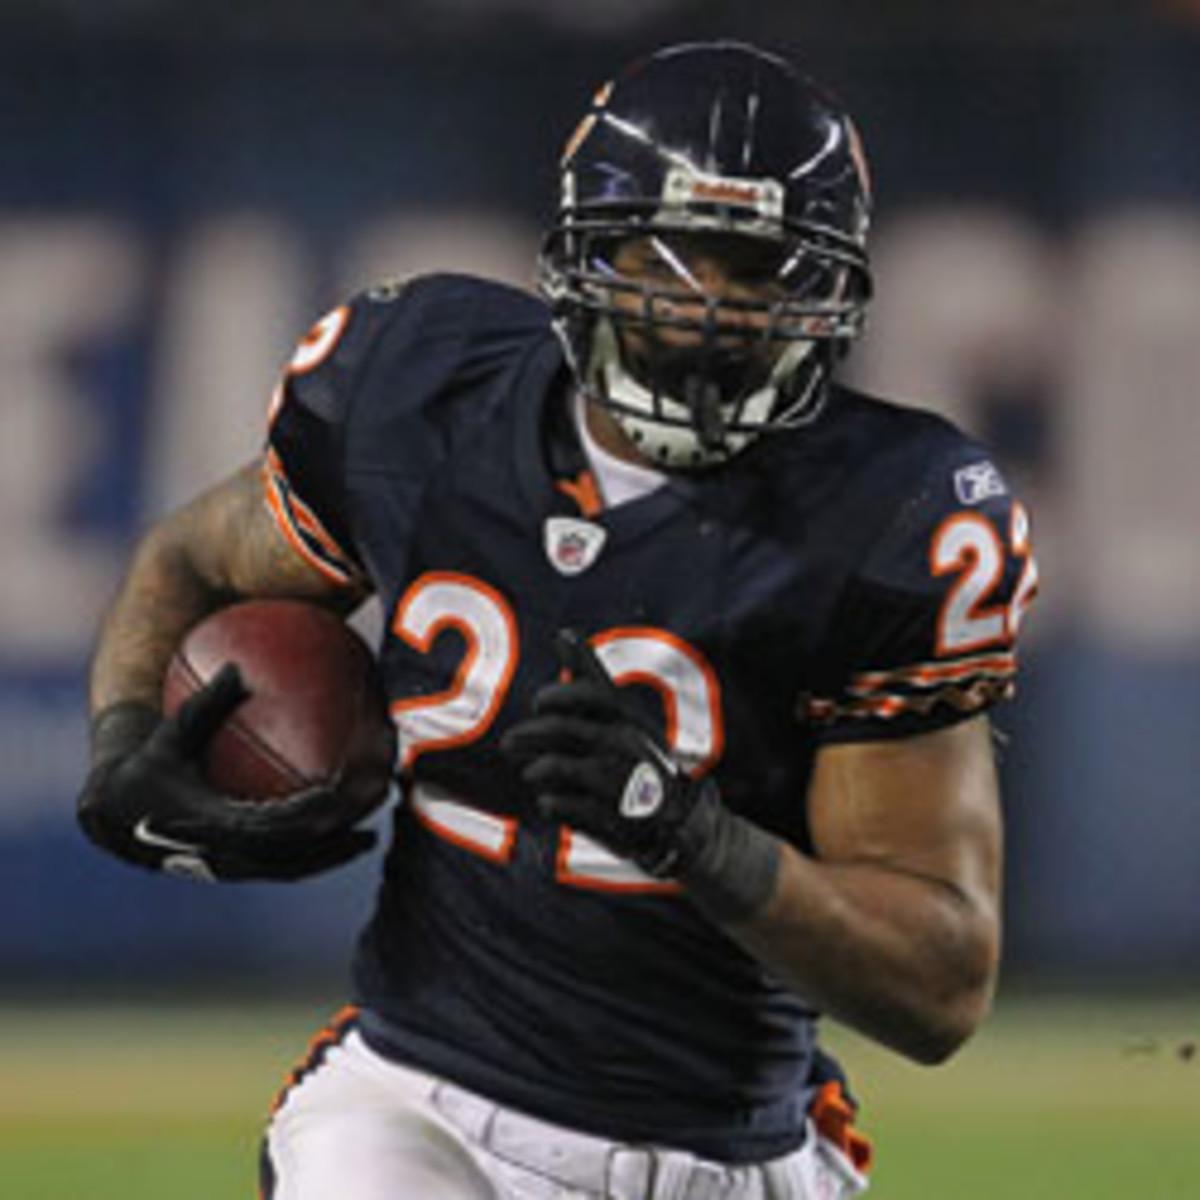 Matt Forte, Chicago Bears